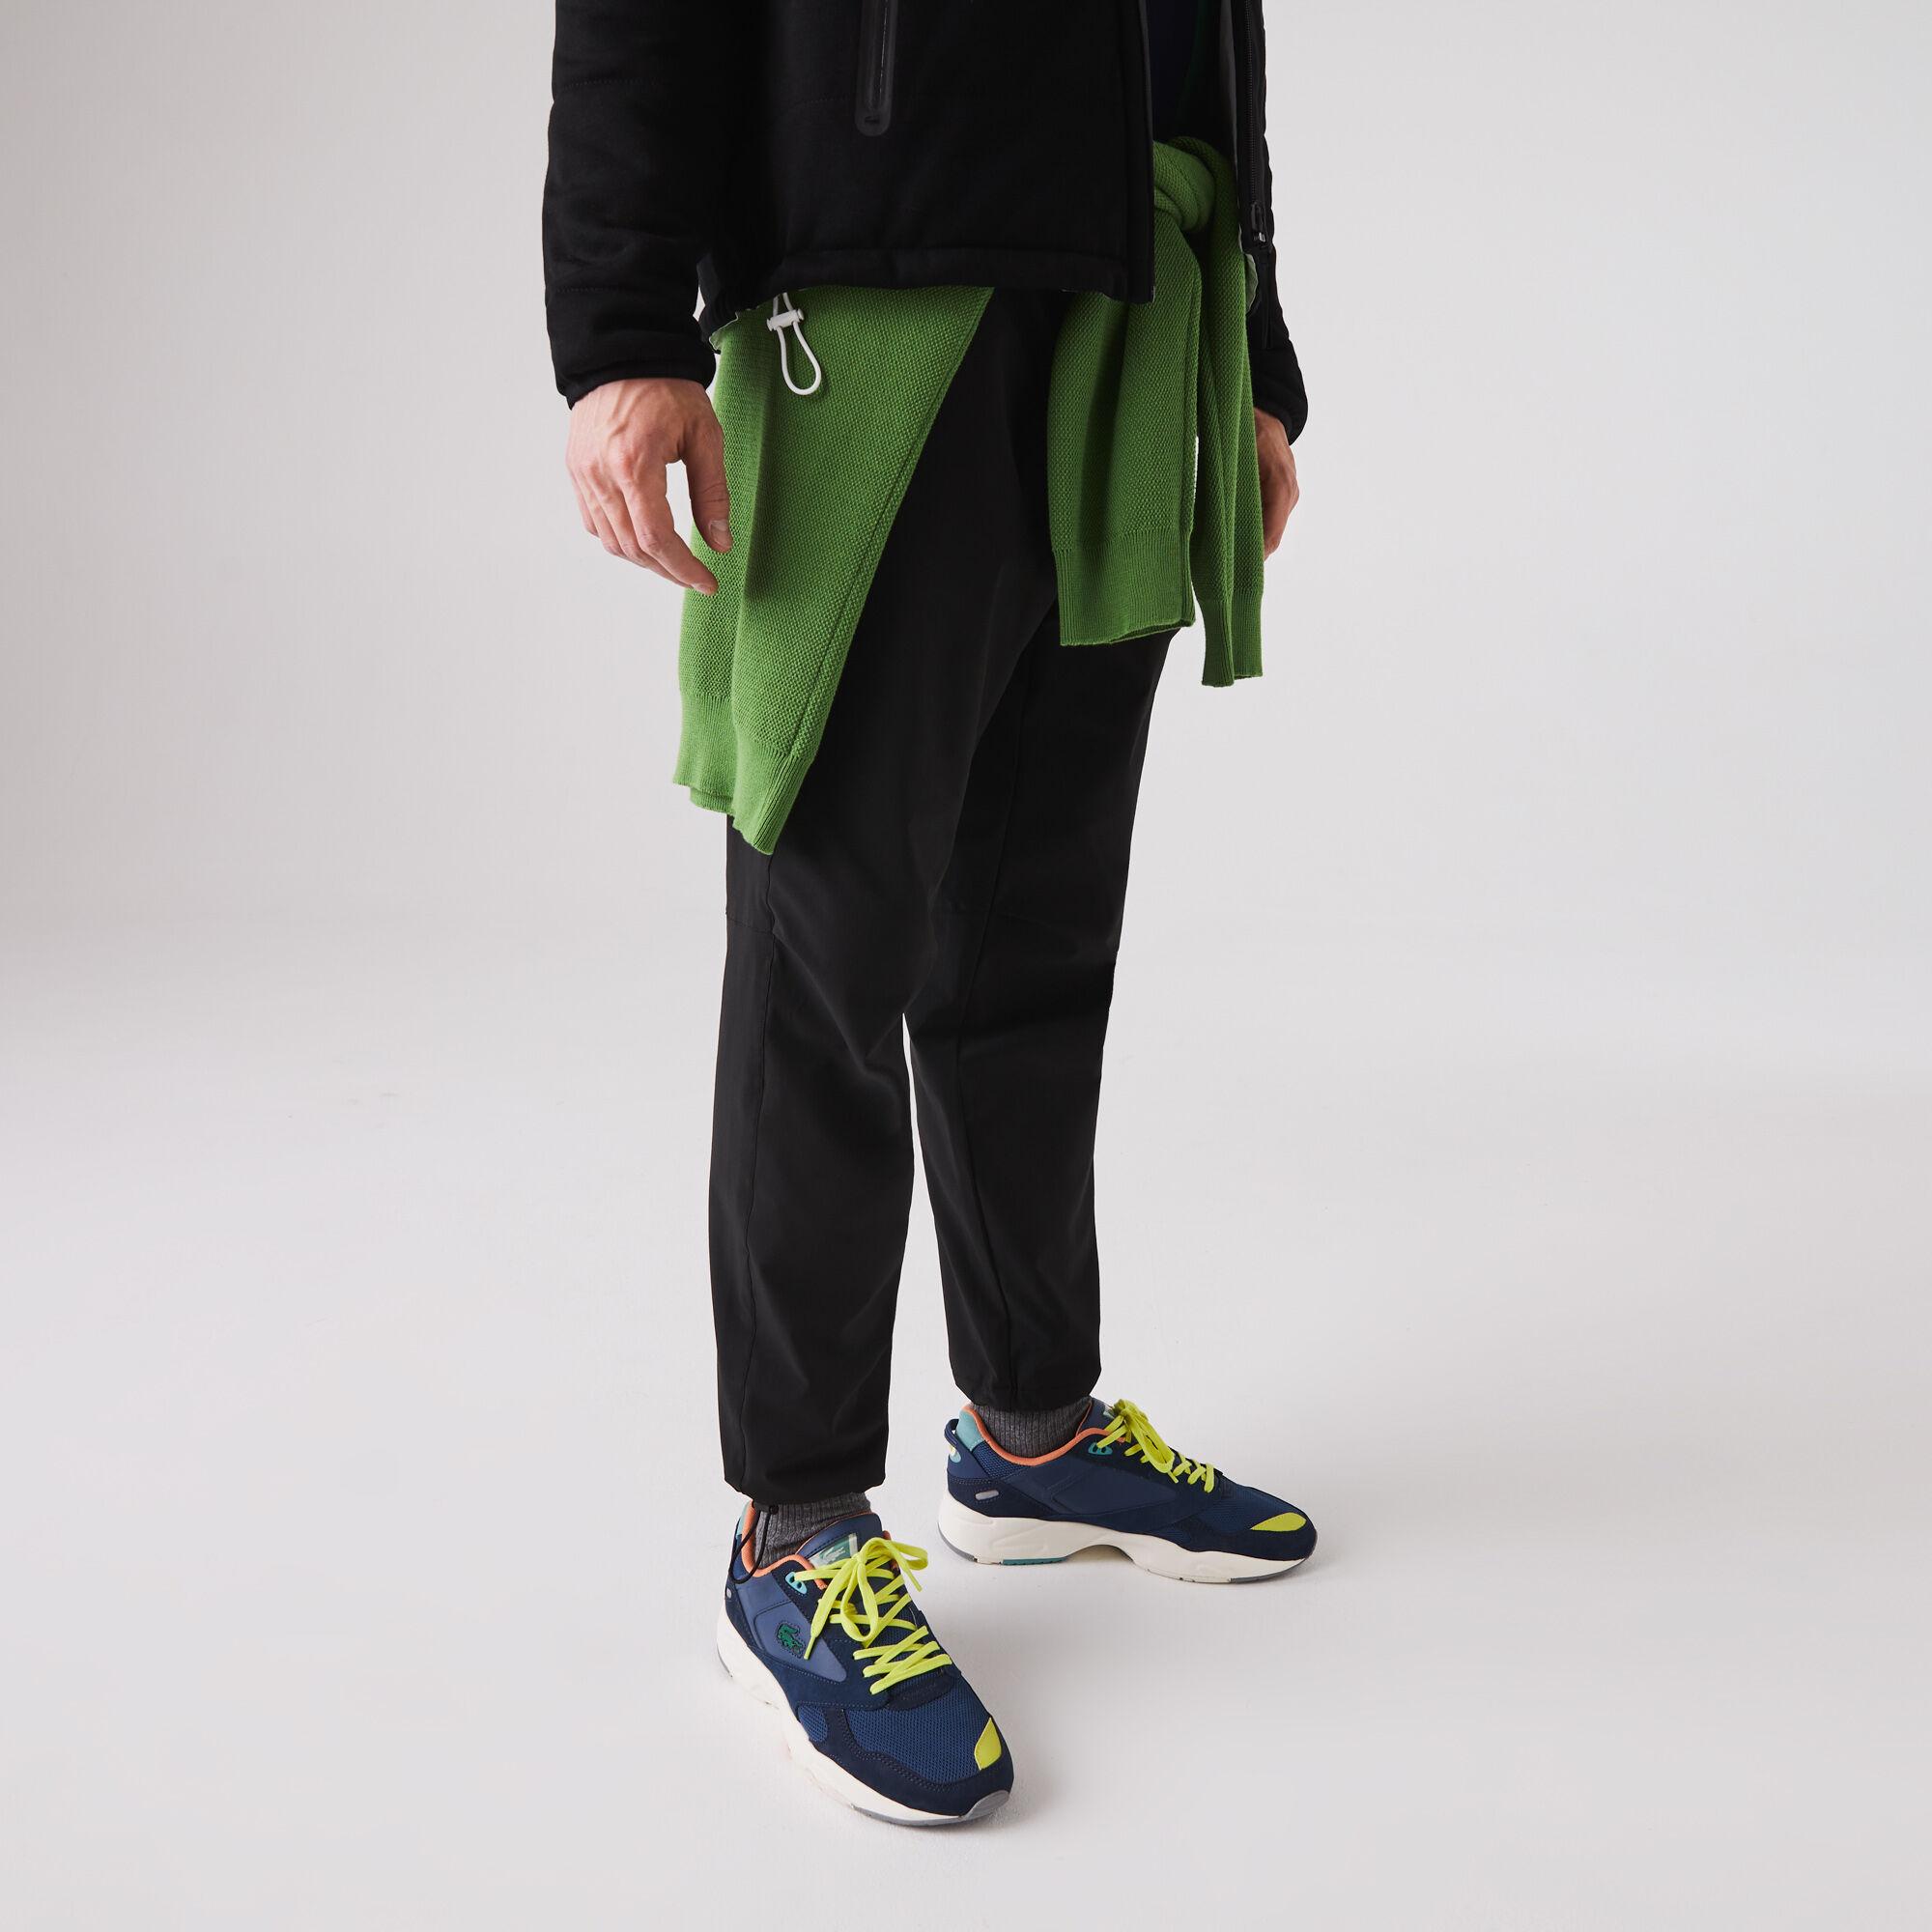 سويت شيرت مبطن يمكن لبسه على الوجهين للرجال